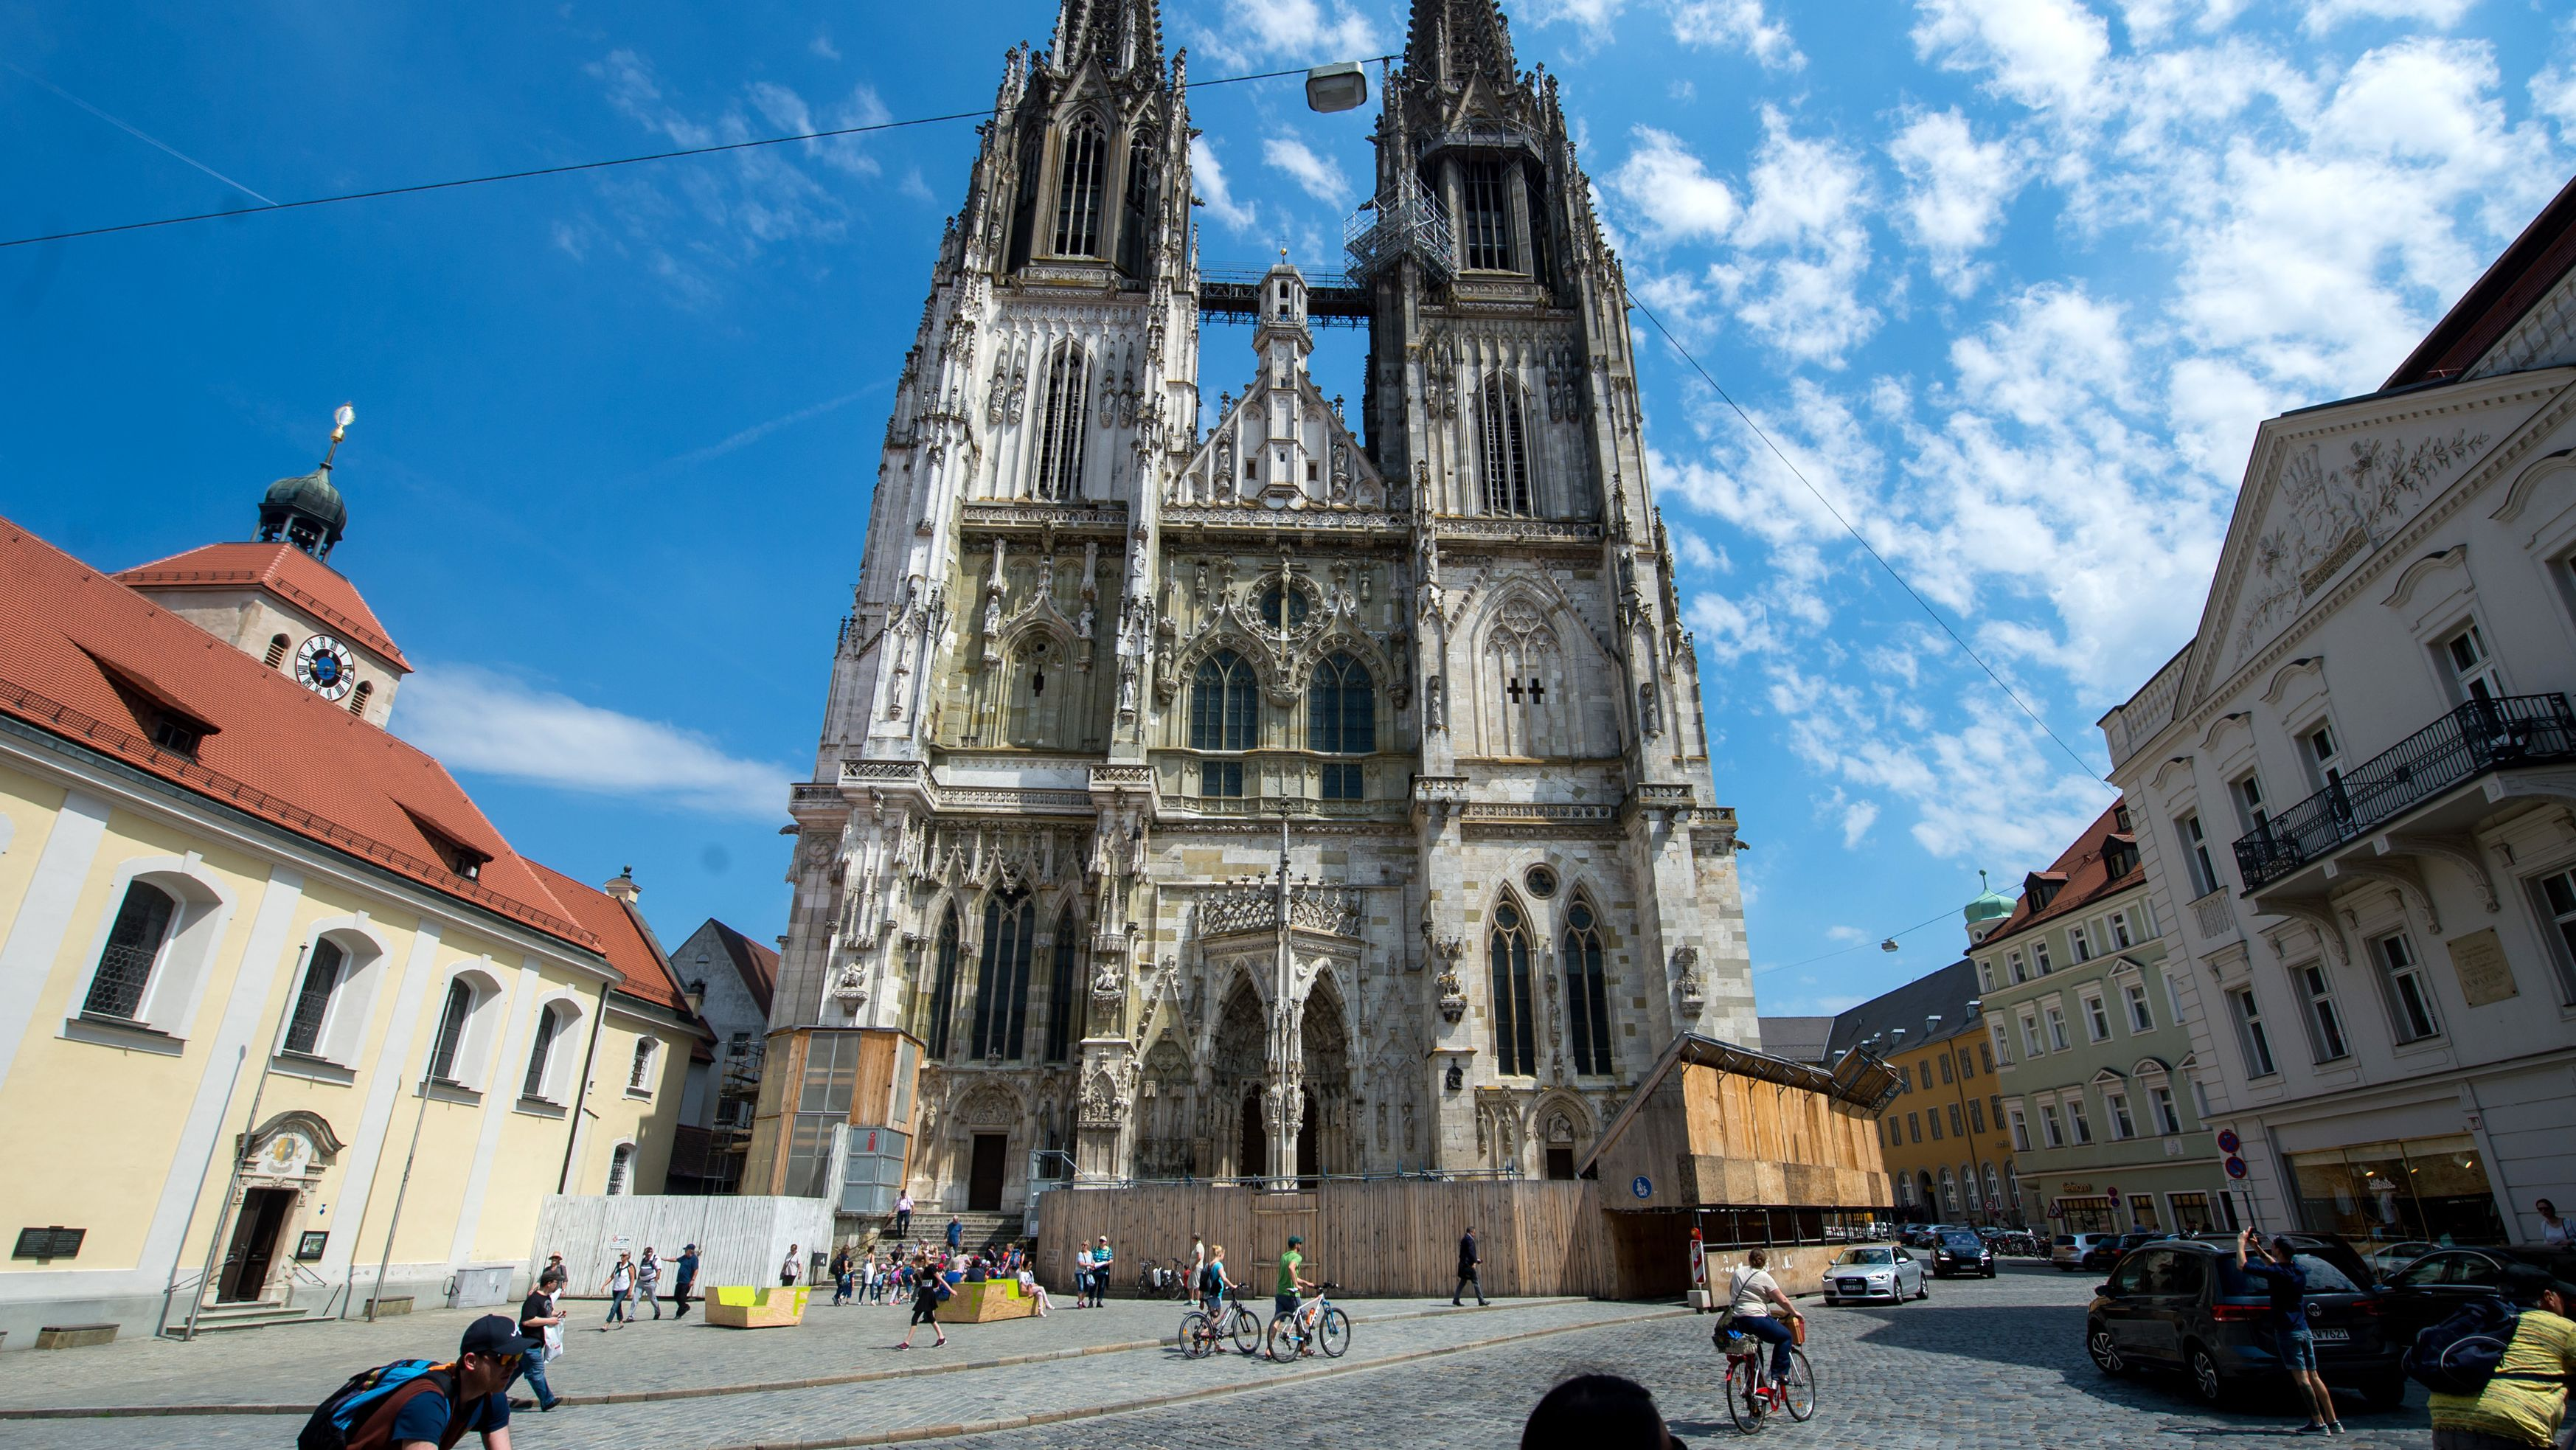 Das bedeutende Wahrzeichen von Regensburg ist der gotische Dom aus dem 13. Jahrhundert mit seinen Zwillingstürmen.